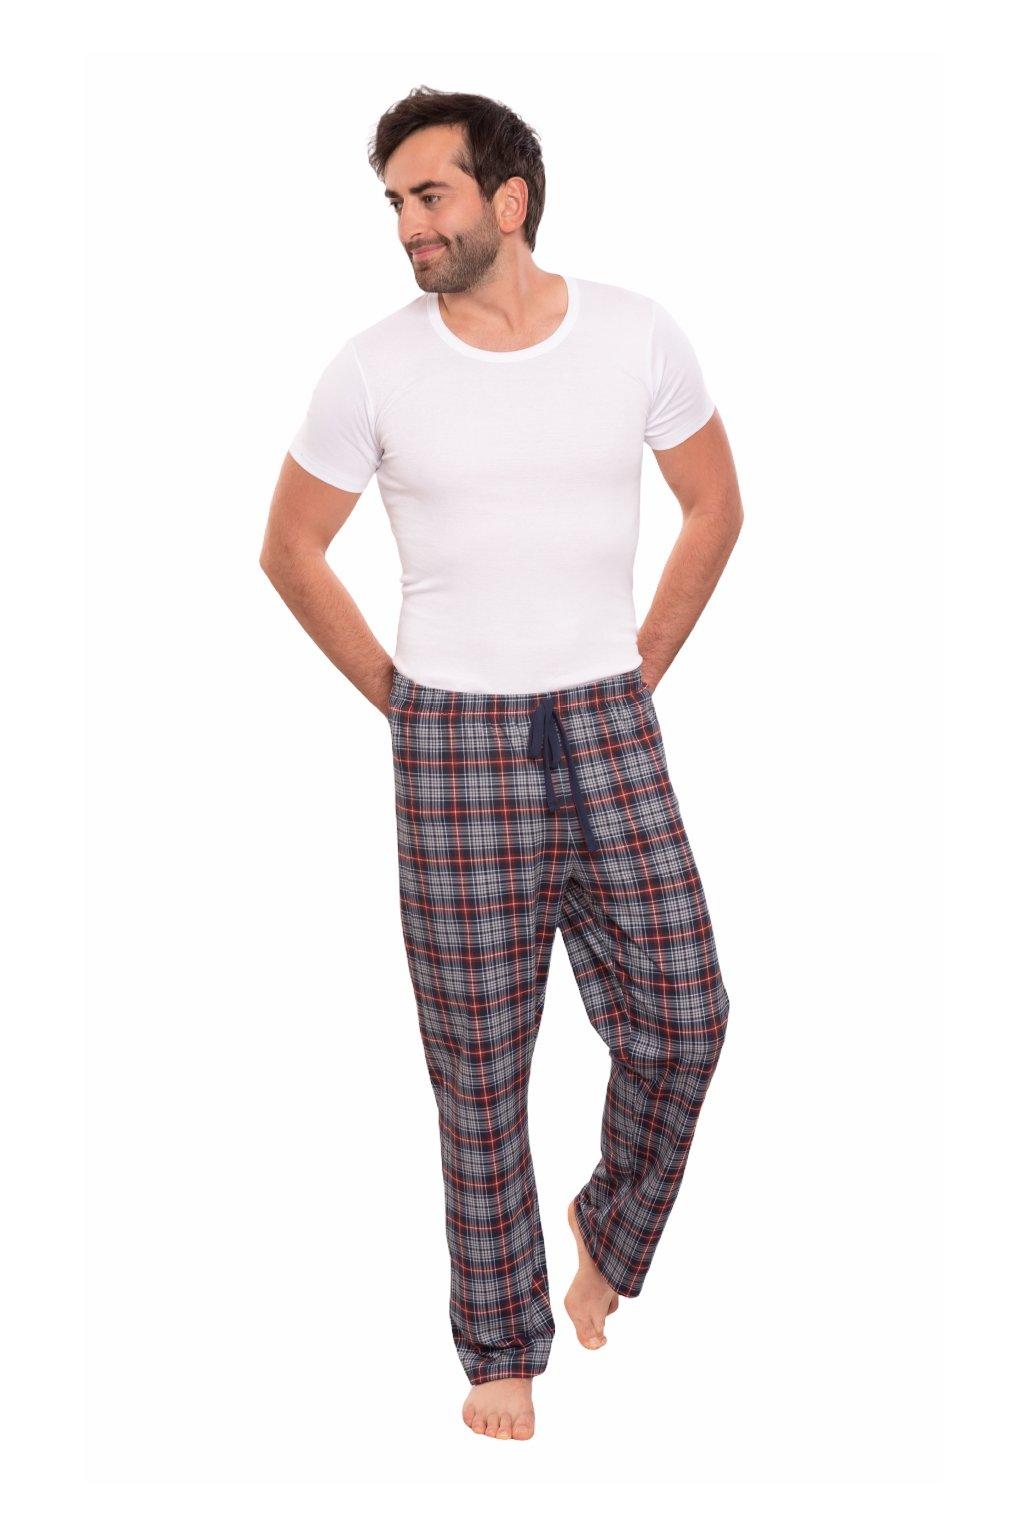 Pánské pyžamové kalhoty s dlouhými nohavicemi, 204128 28, modrá